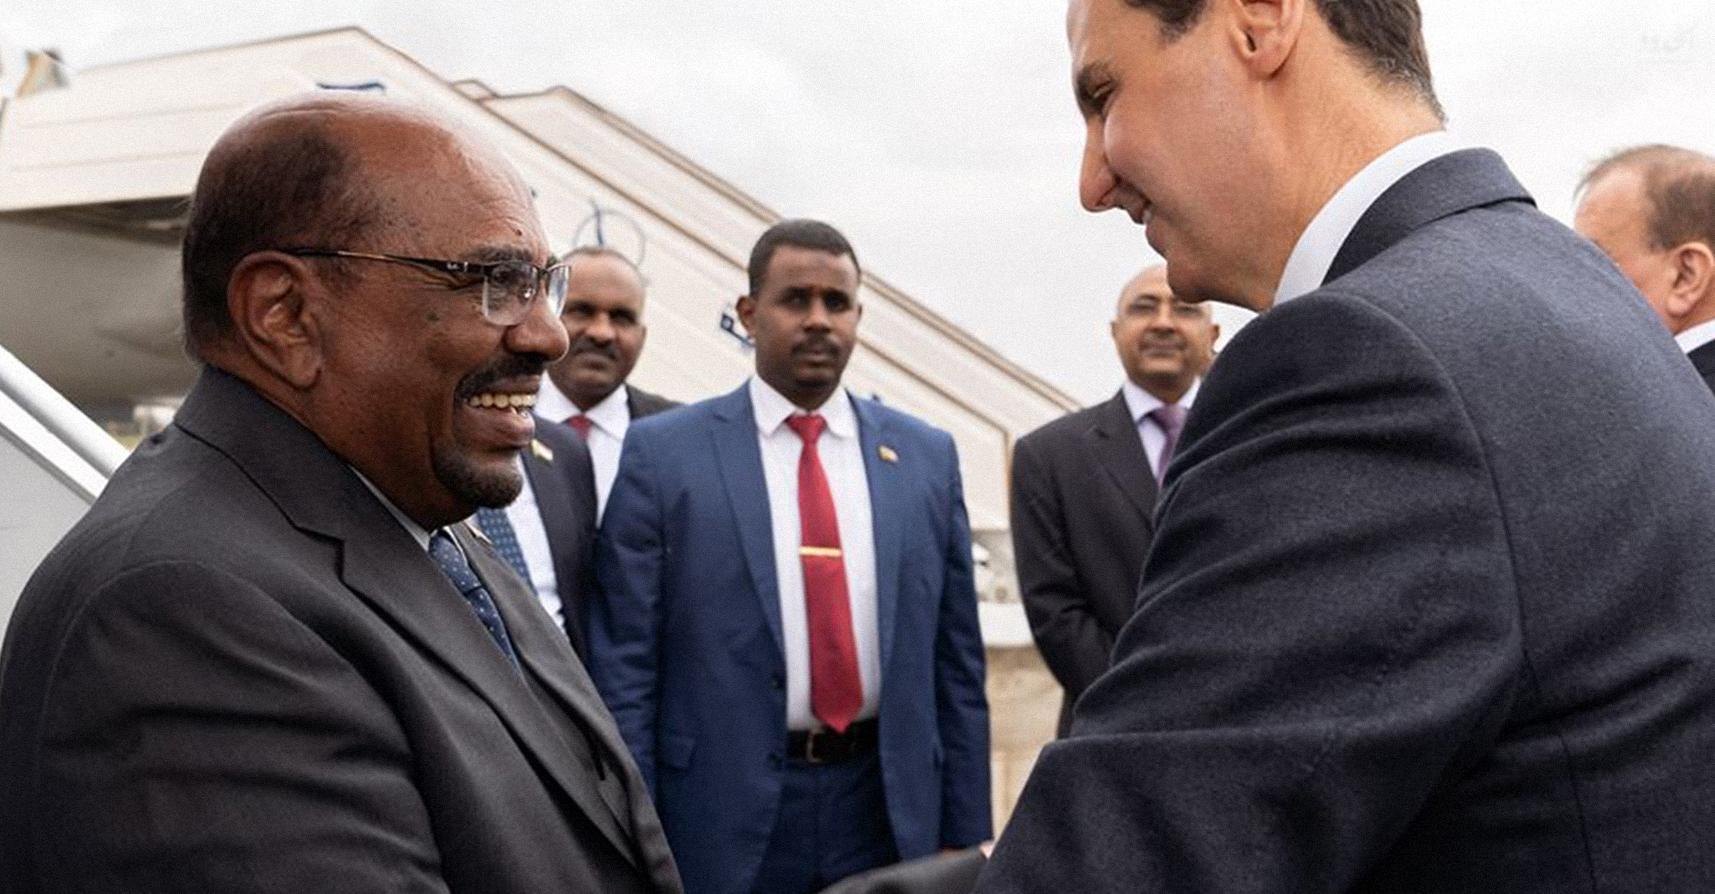 صورة رئيس نصف السودان يزور شقيقه رئيس ثلاثة أخماس سوريا